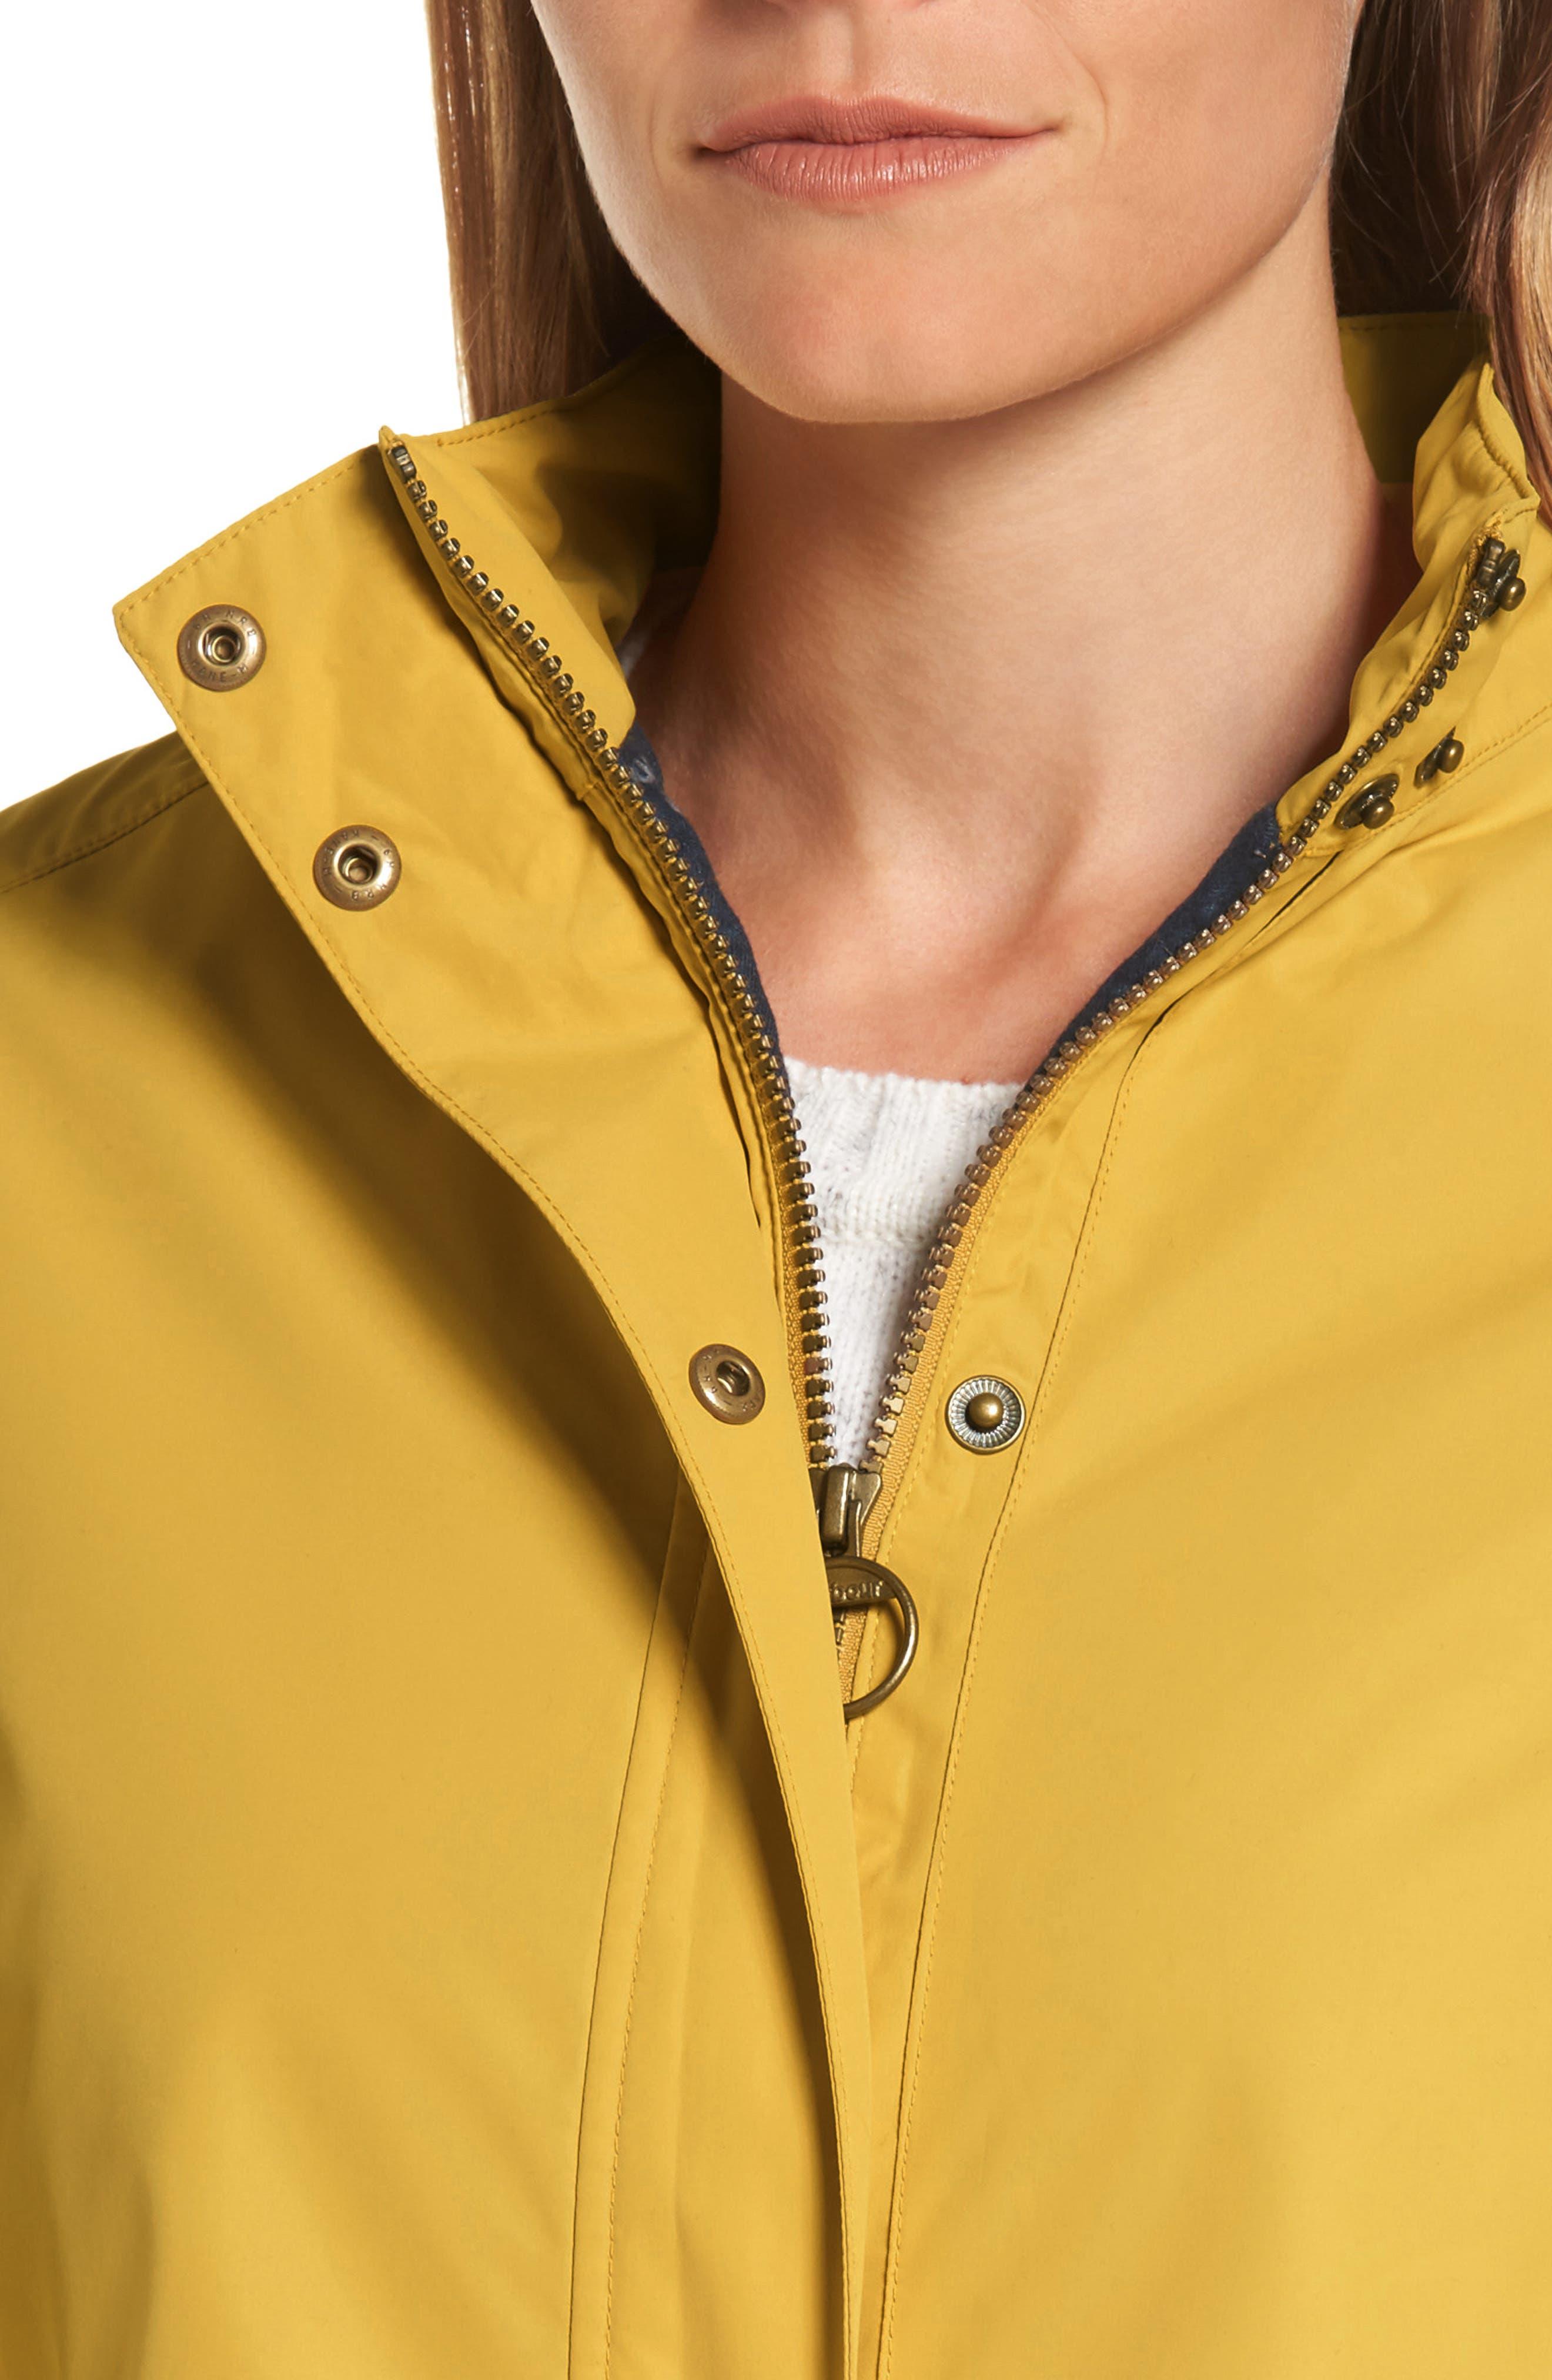 Stratus Hooded Waterproof Jacket,                             Alternate thumbnail 4, color,                             740